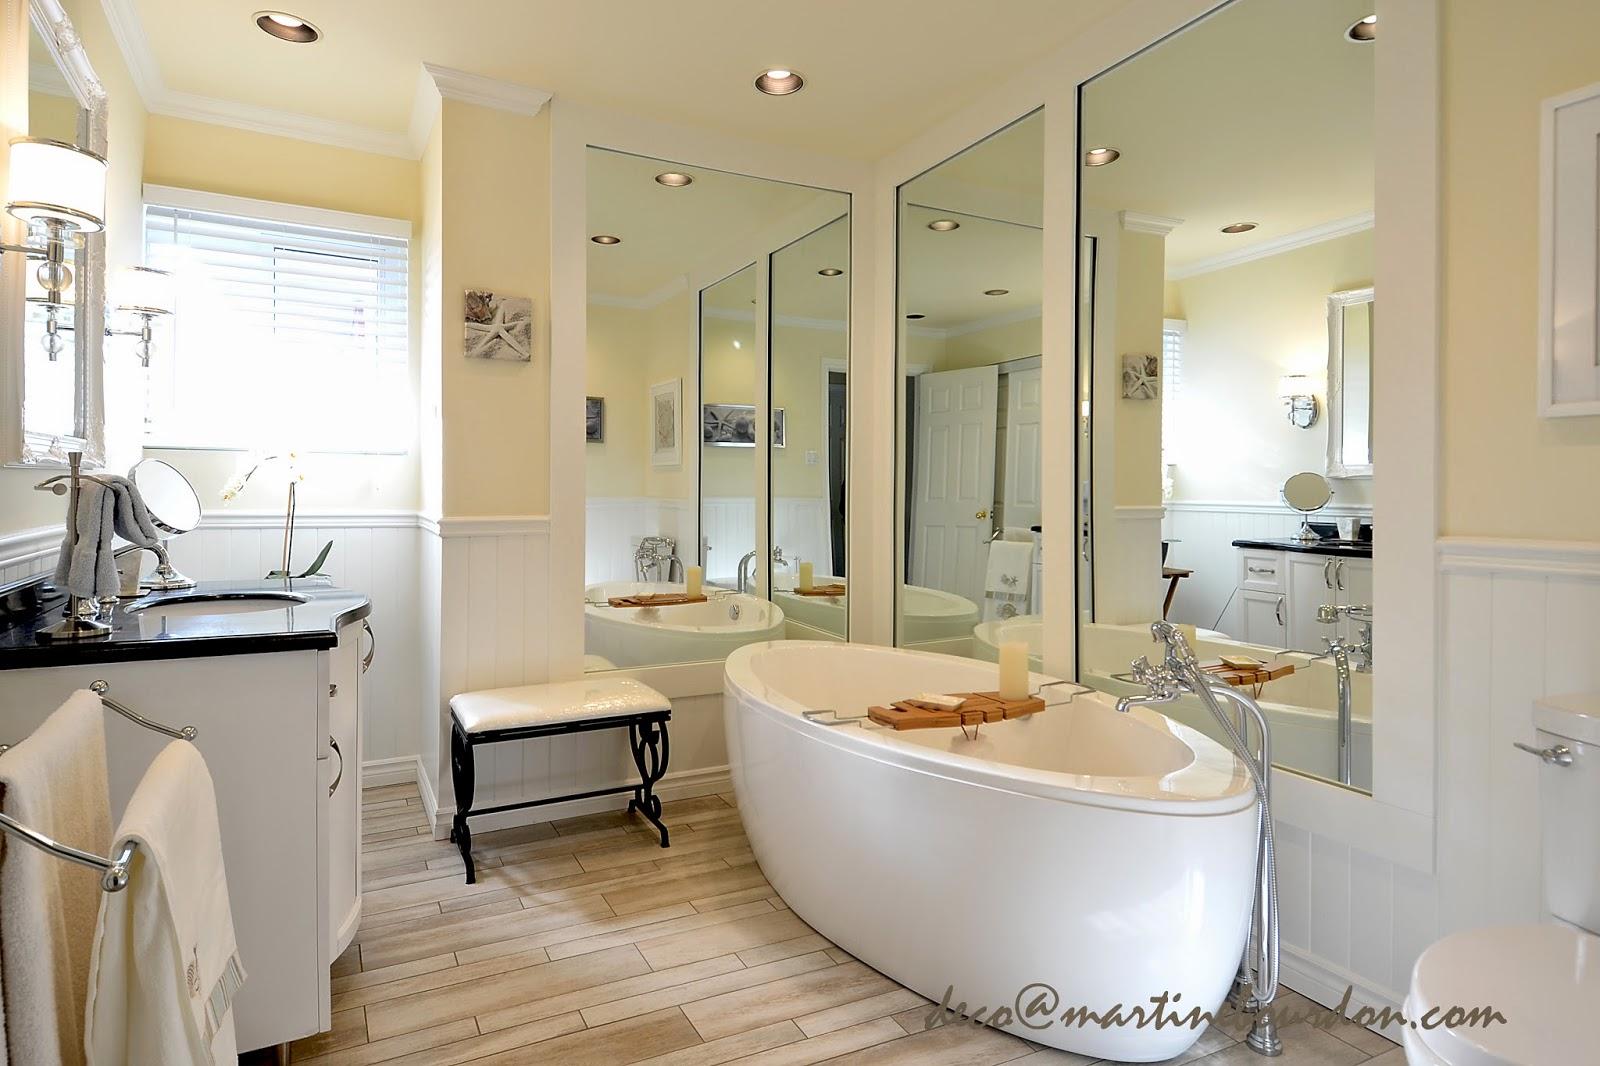 L 39 espace d co avant apr s grandeur et luminosit pour - Sechoir salle de bain mural ...